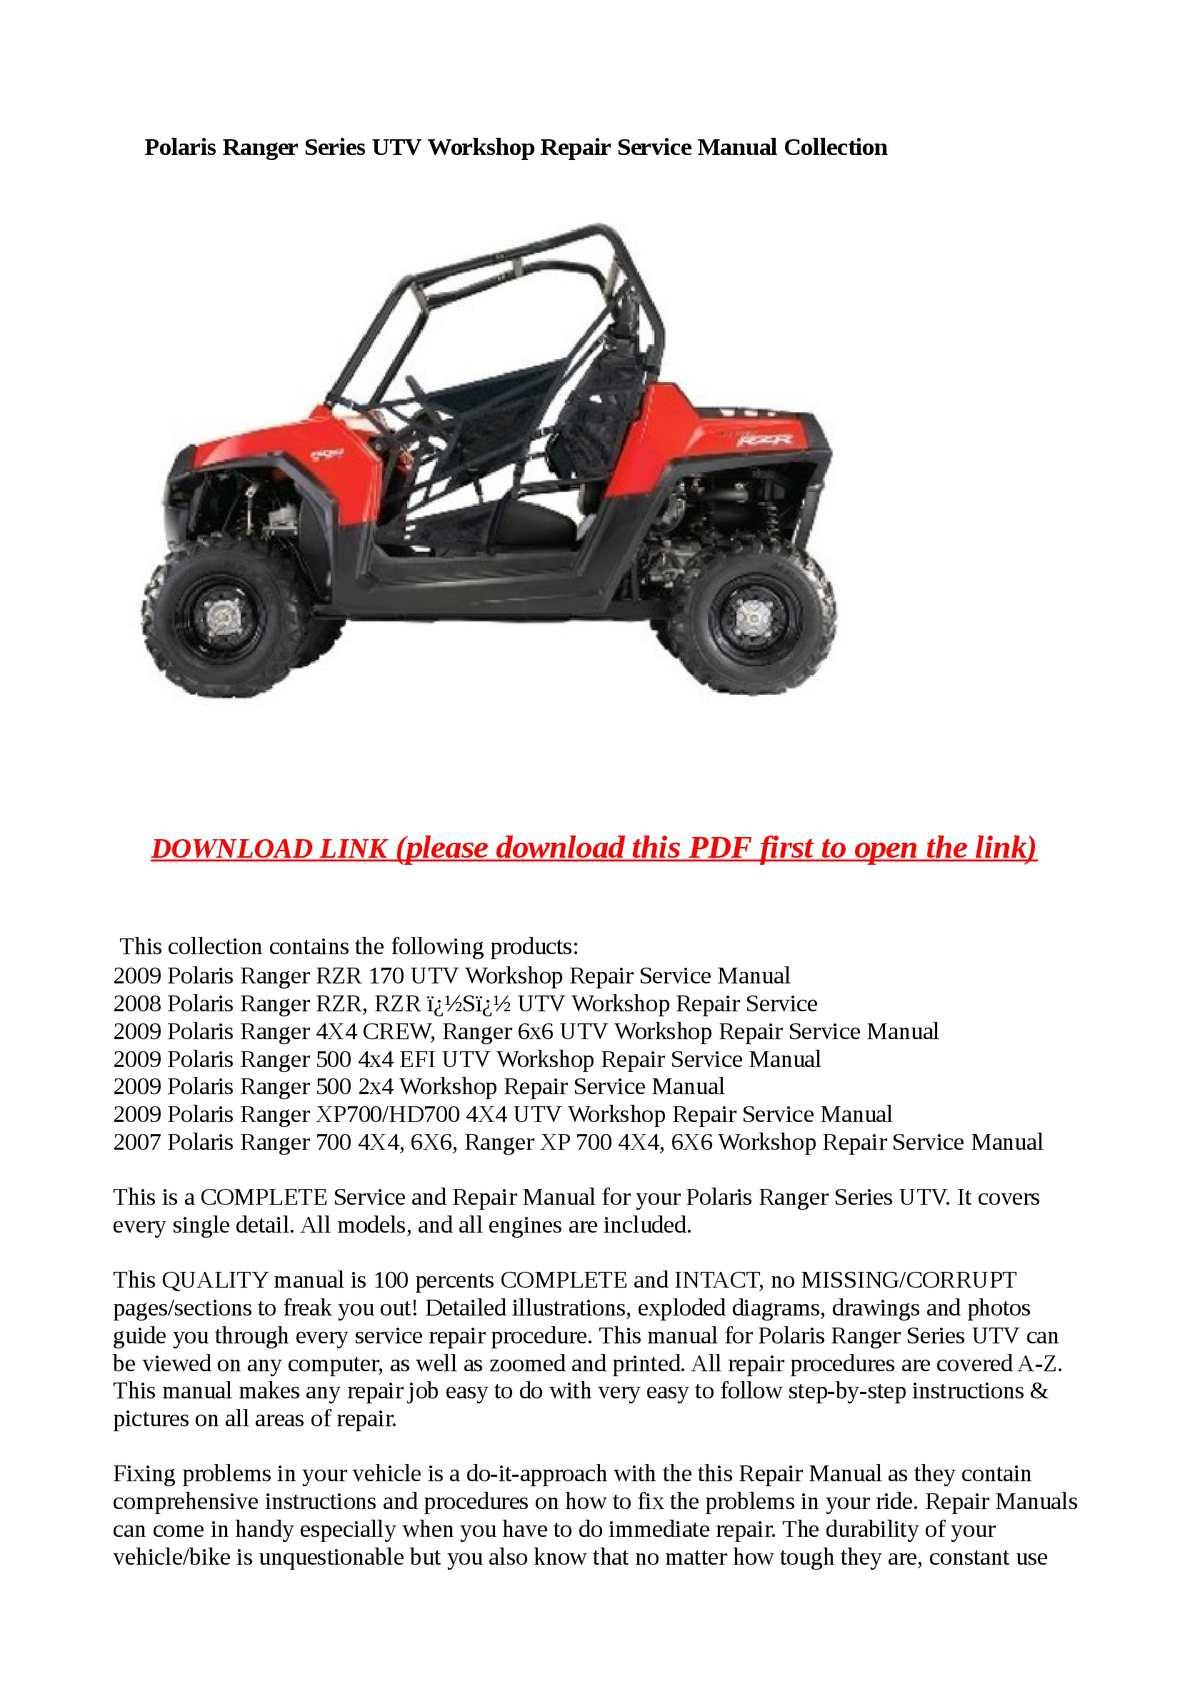 2009 polaris ranger 500 4x4 efi workshop service repair manual